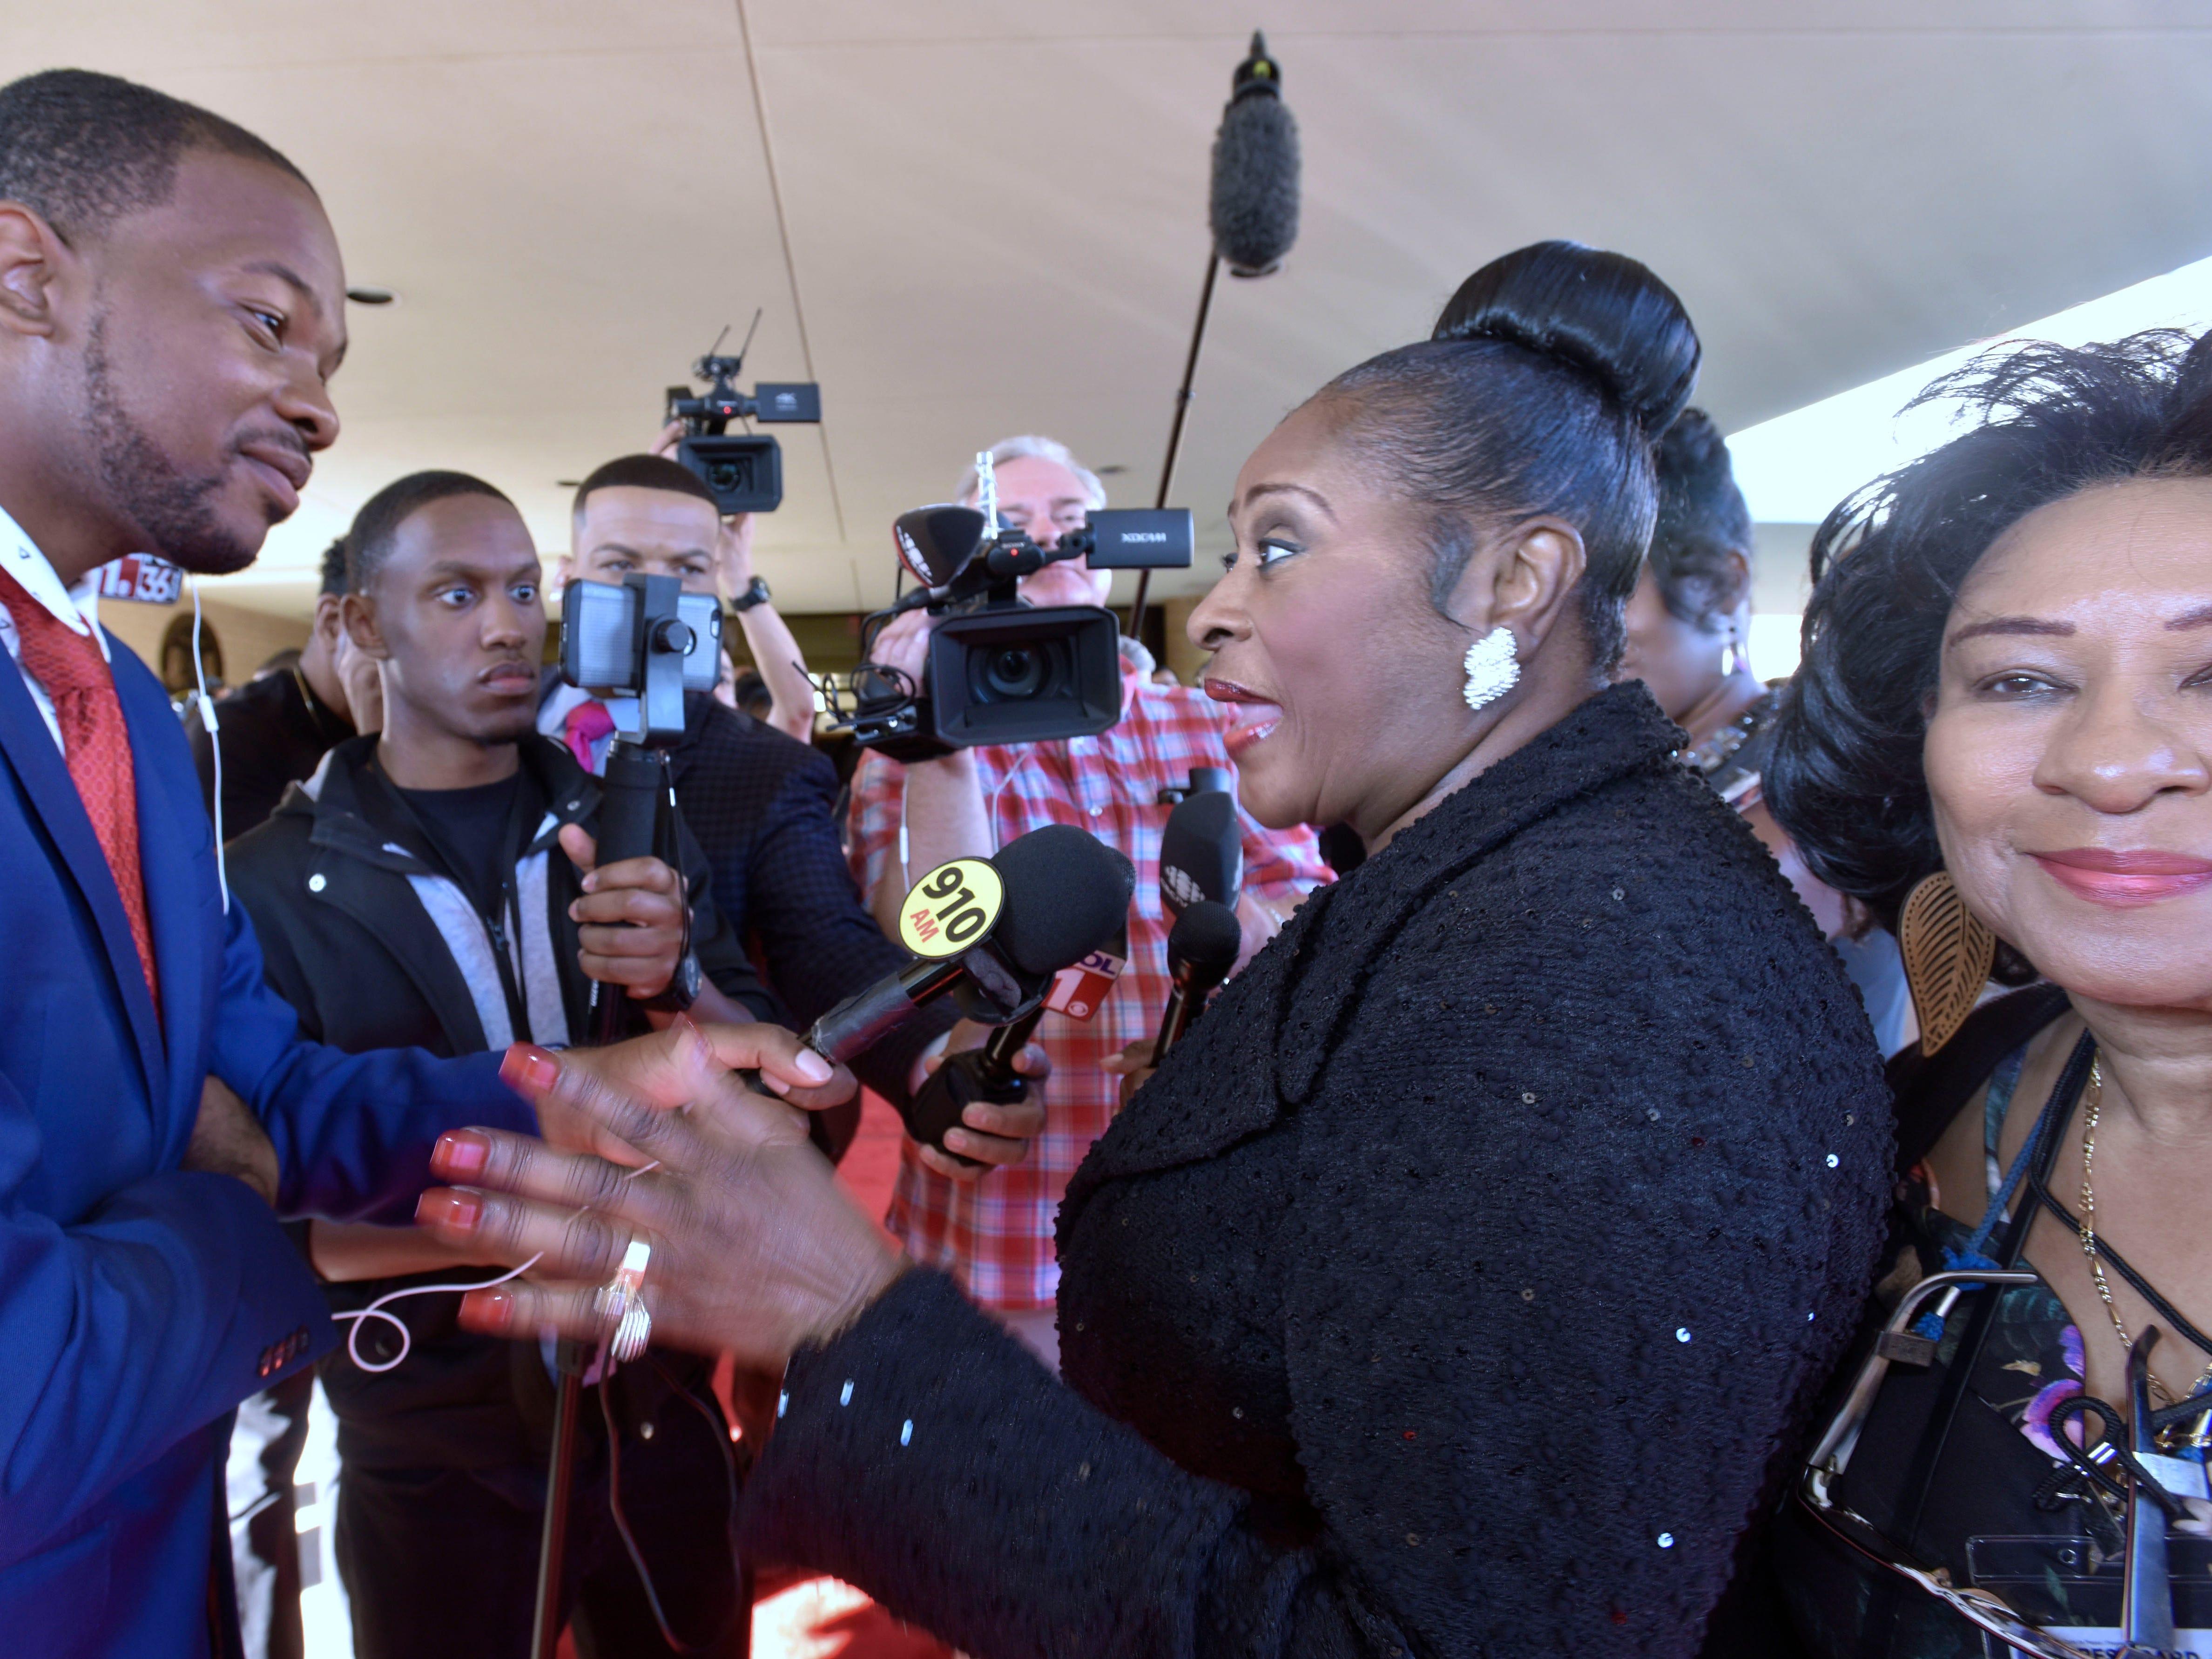 Gospel singer Dottie Peoples talks to reporters.